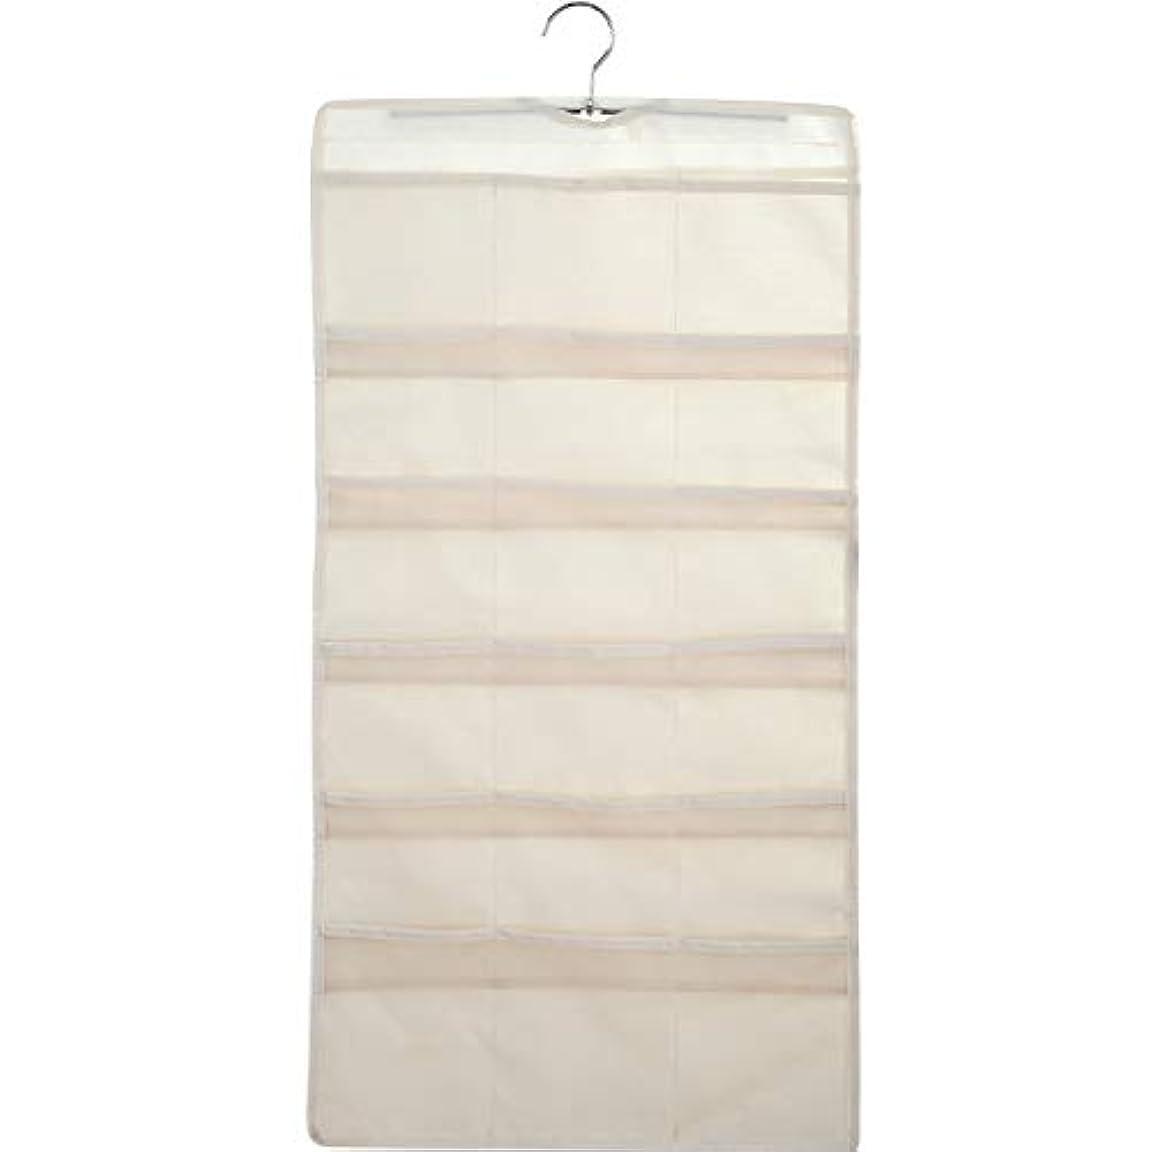 文句を言う厚い最大の大きくて深いポケットが付いている掛かる収納オーガナイザー、小さいワードローブのための両面スペース節約衣服オーガナイザー,A